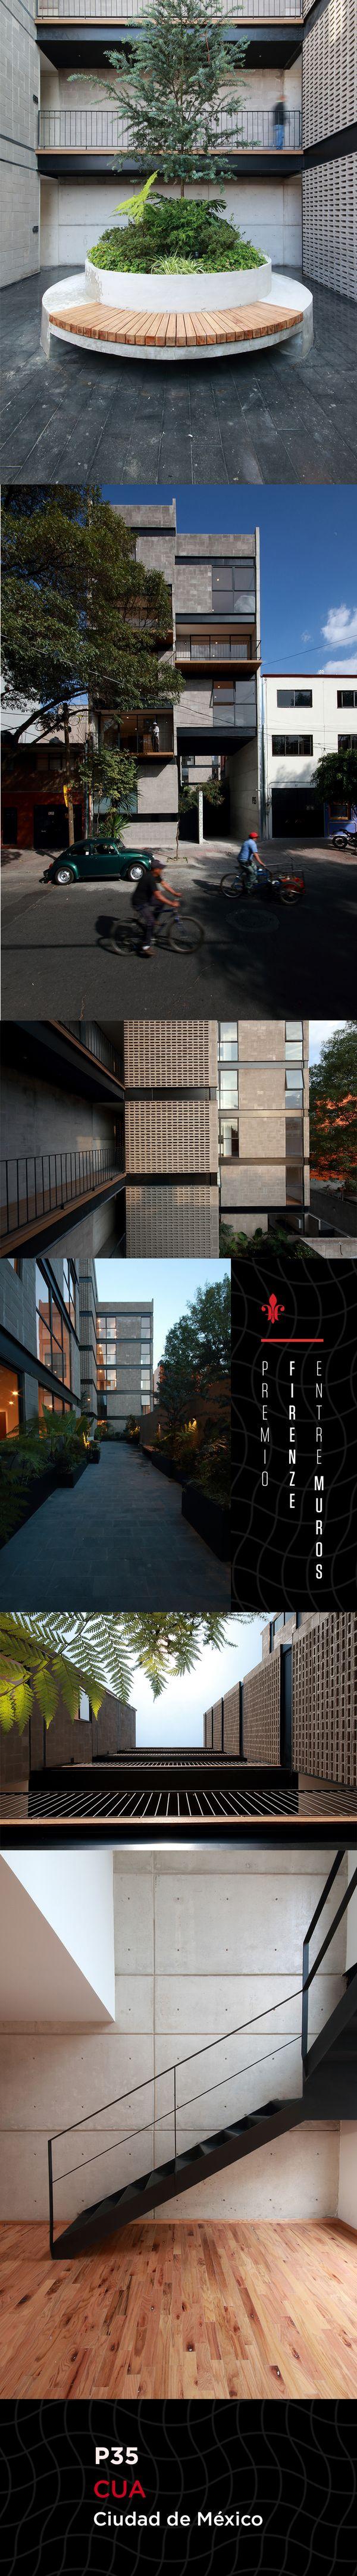 Este desarrollo cuenta con 10 departamentos distribuidos en dos edificaciones conectadas por puentes y un núcleo de circulaciones verticales. Cada unidad es diferente, para distintos tipos de usuario, aunque el concepto es vivir los espacios de dentro hacia afuera.